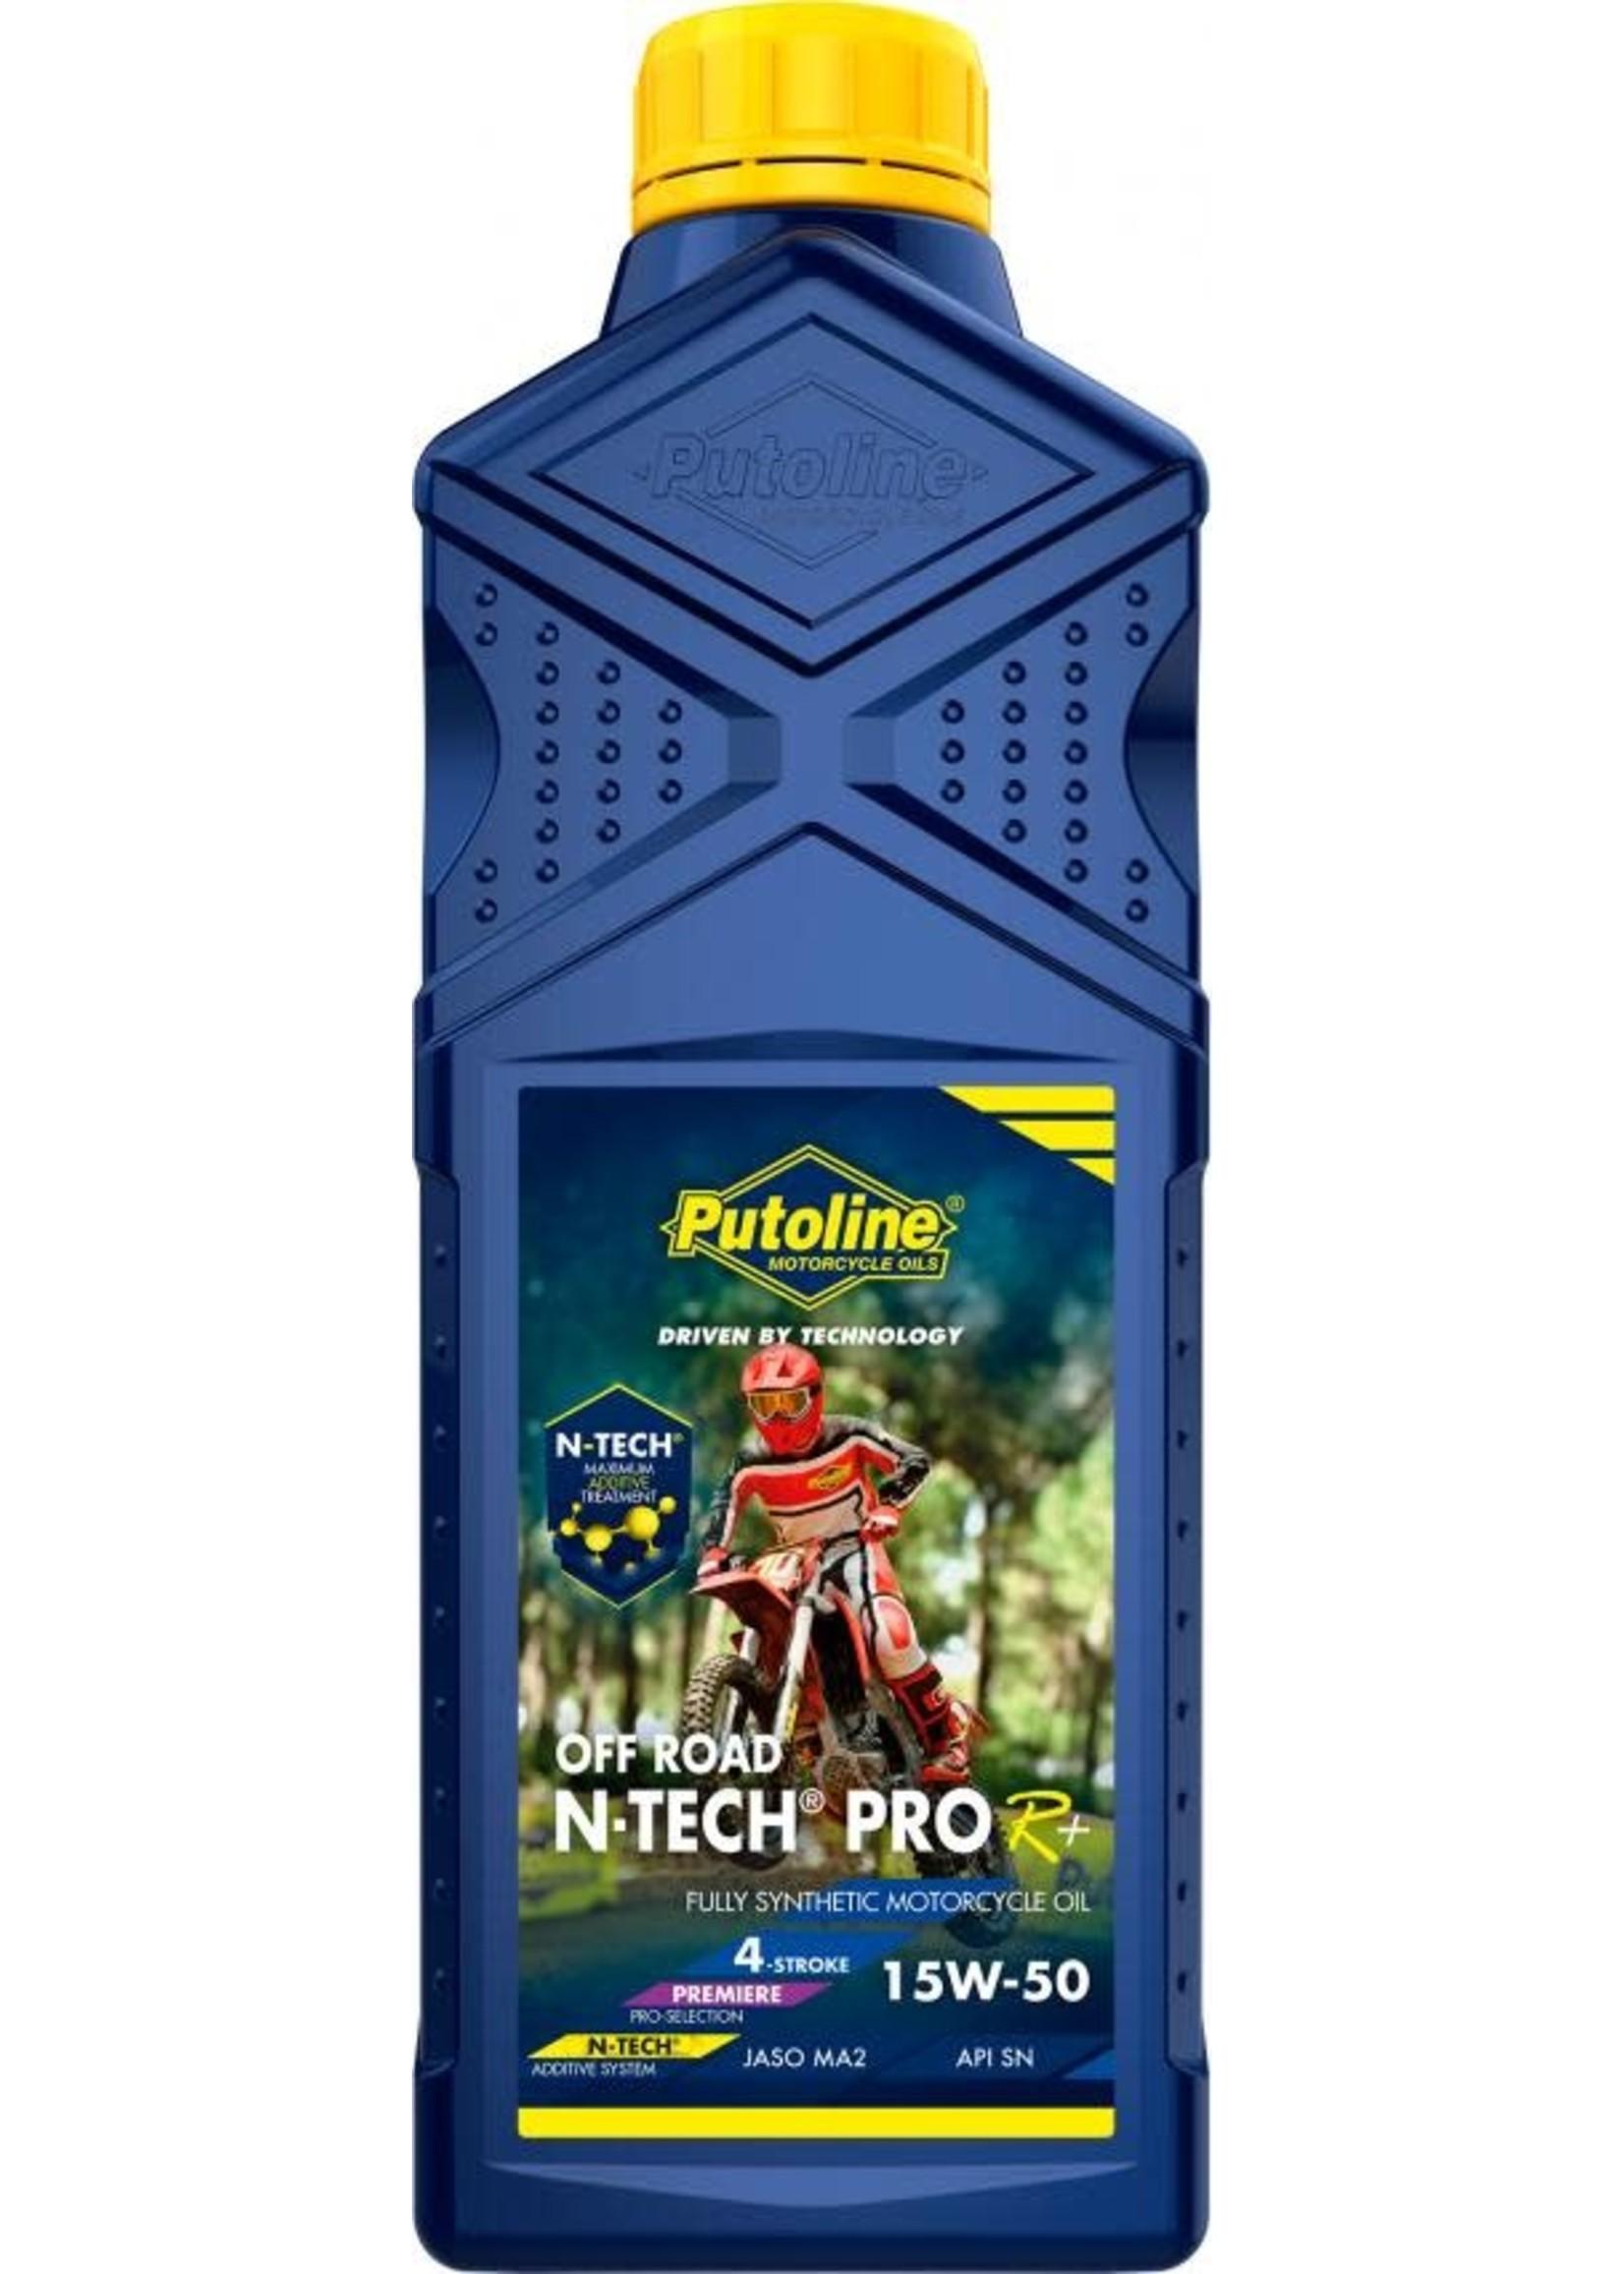 Putoline Putoline OFF ROAD N-TECH PRO R+ 15W-50 1L